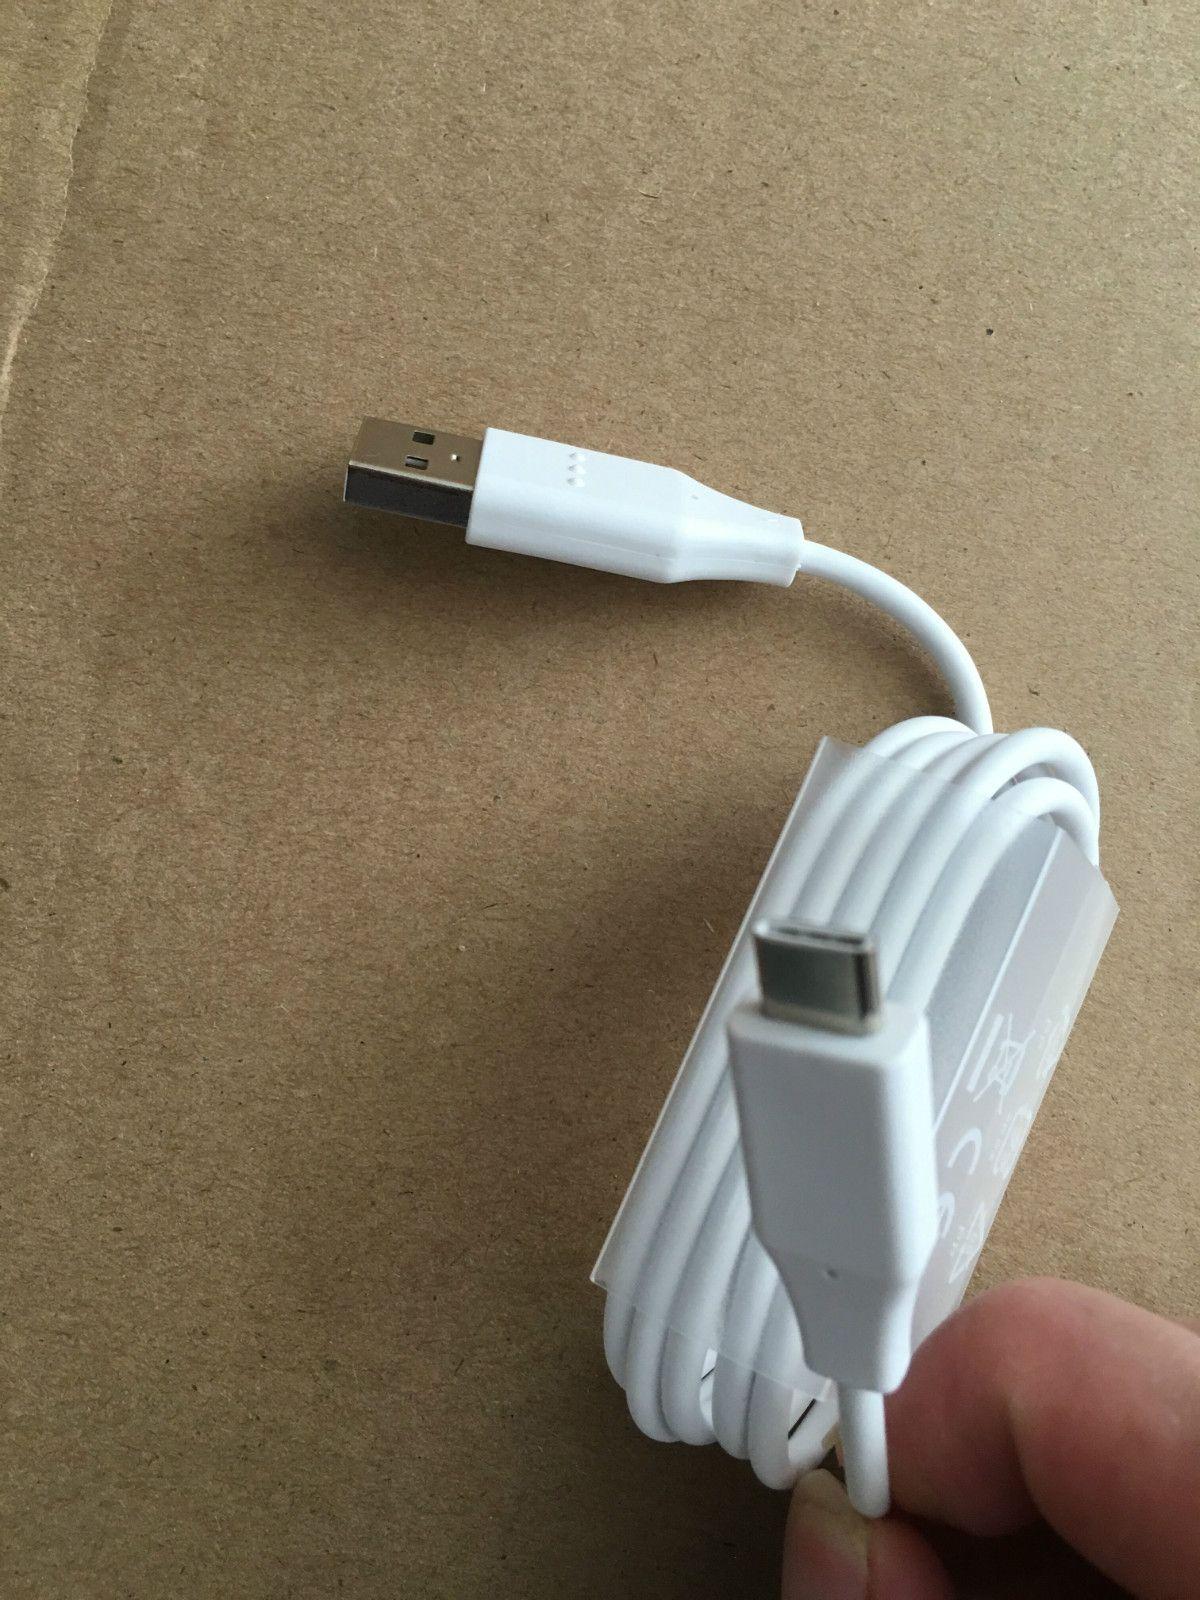 USB 3.1 Type-c date ligne type C câble de synchronisation USB câble 1 m 3ft mâle à usb 3.0 de charge pour huawei p9 lg g5 letv macbook Nokia N1 samusng note7